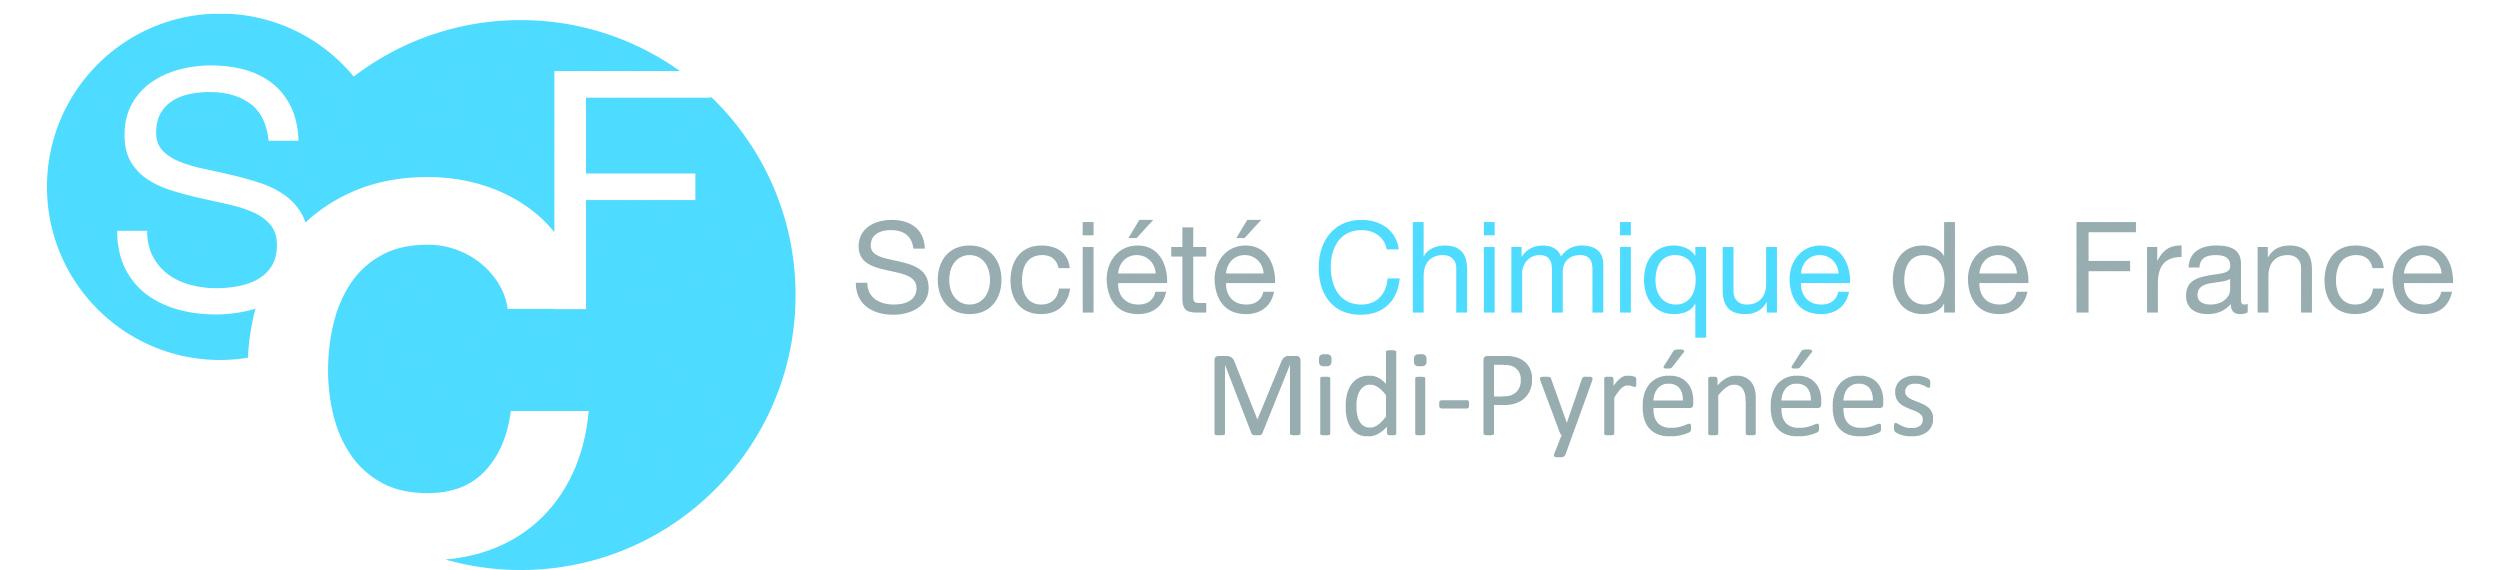 SCF - MydiPy